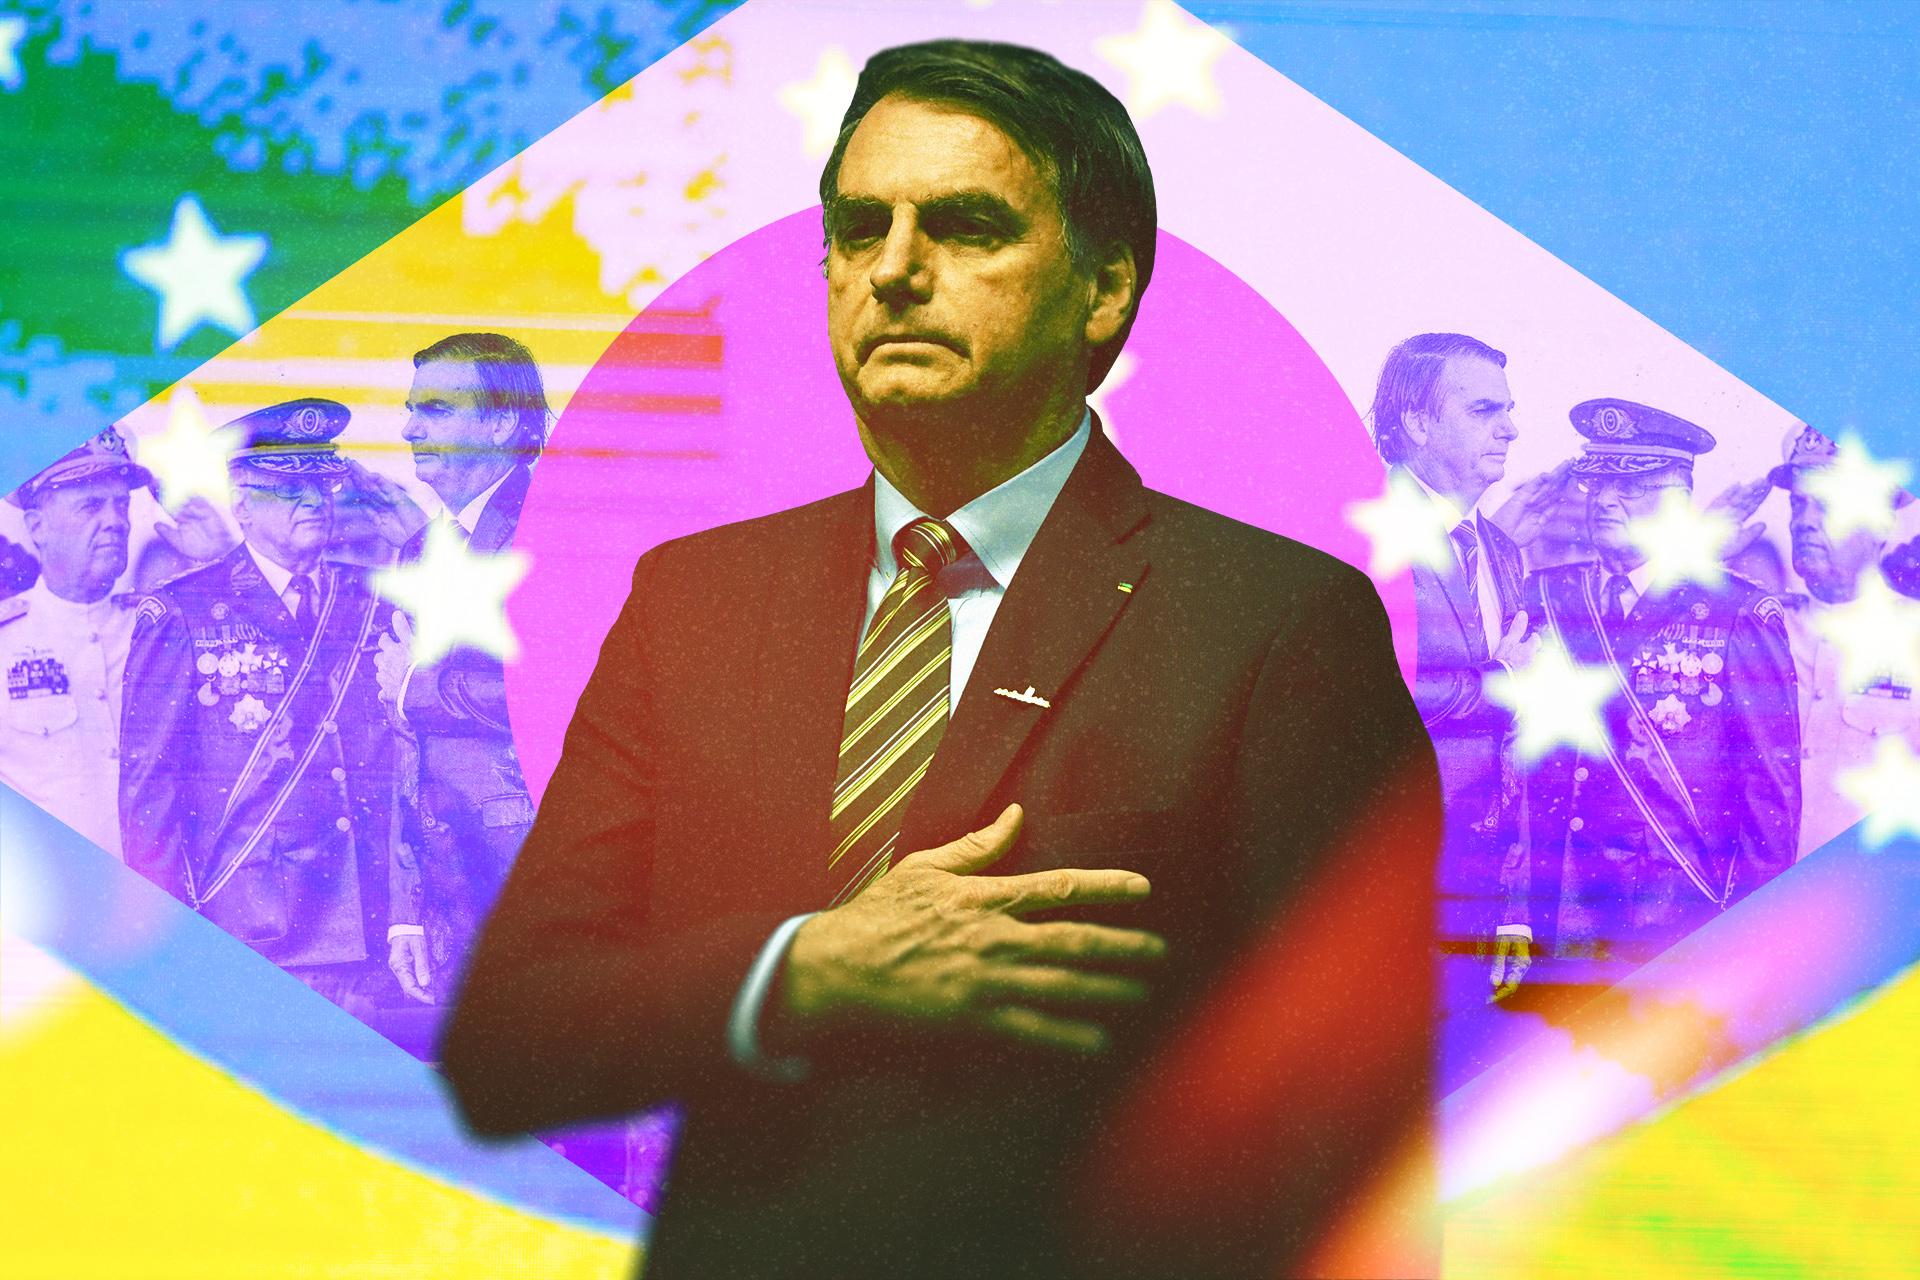 Miért választotta Brazília a múlt emberét?